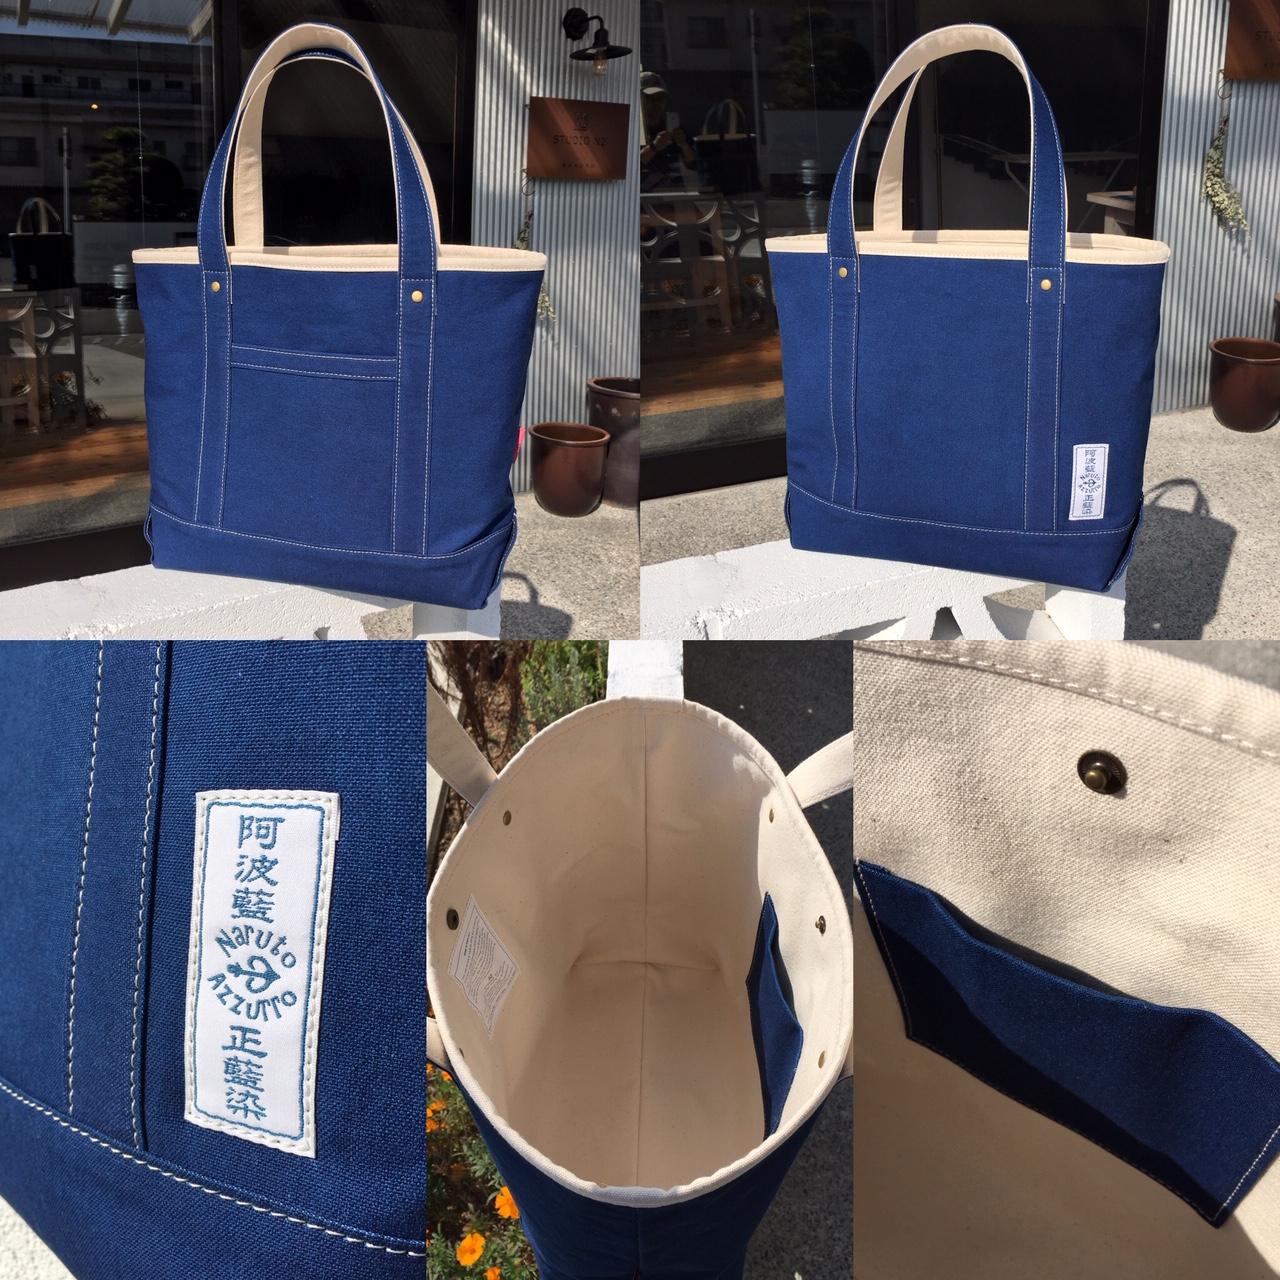 正藍染めトートバッグ ネイビーブルー(濃藍)&ファスナー付き正藍染めトートバッグ(淡藍)